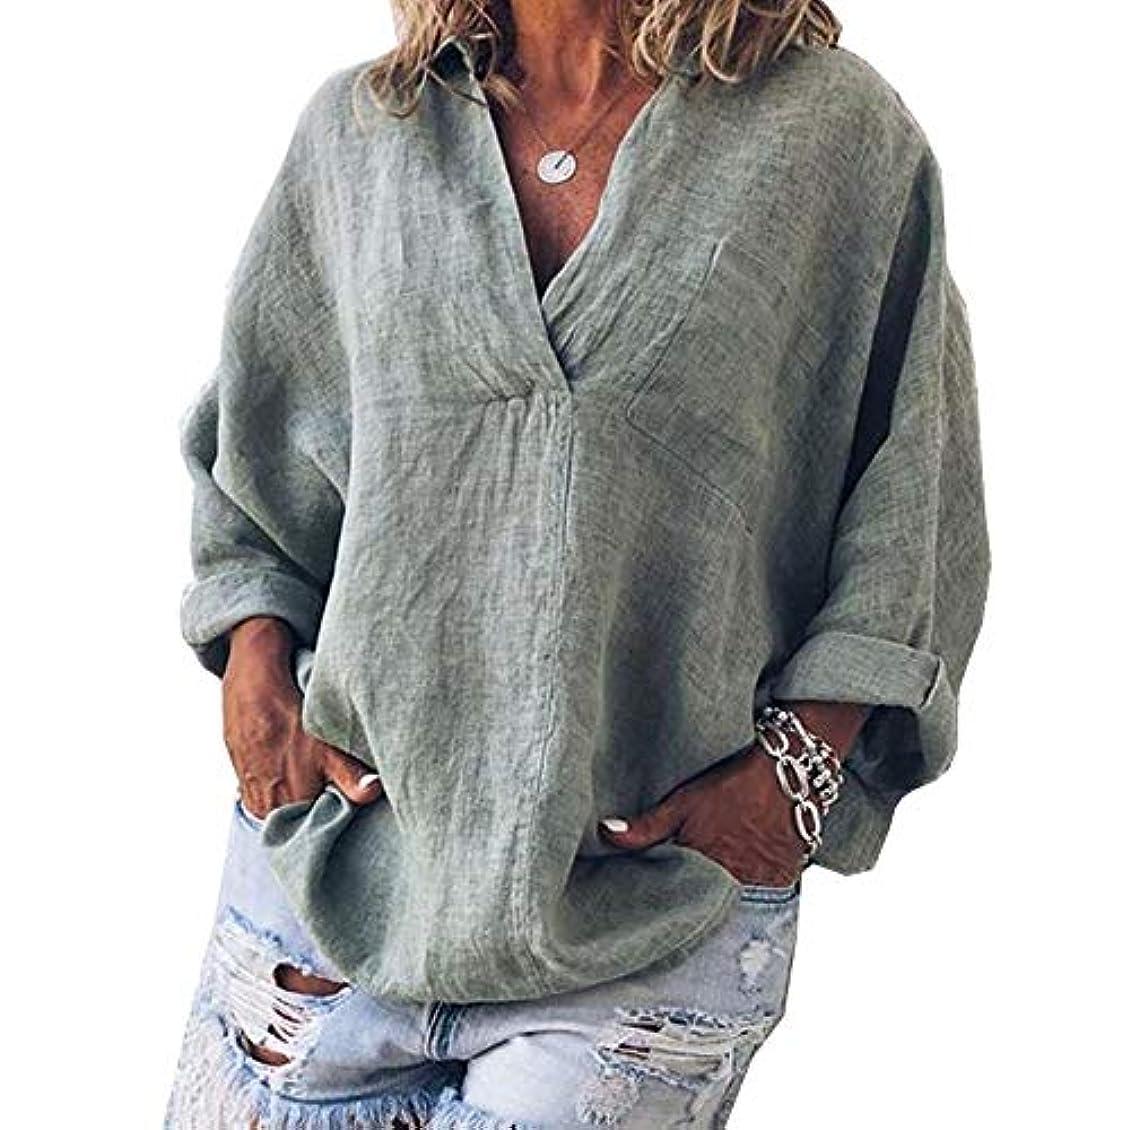 削除する侵入する勝者MIFAN女性ファッション春夏チュニックトップス深いVネックTシャツ長袖プルオーバールーズリネンブラウス